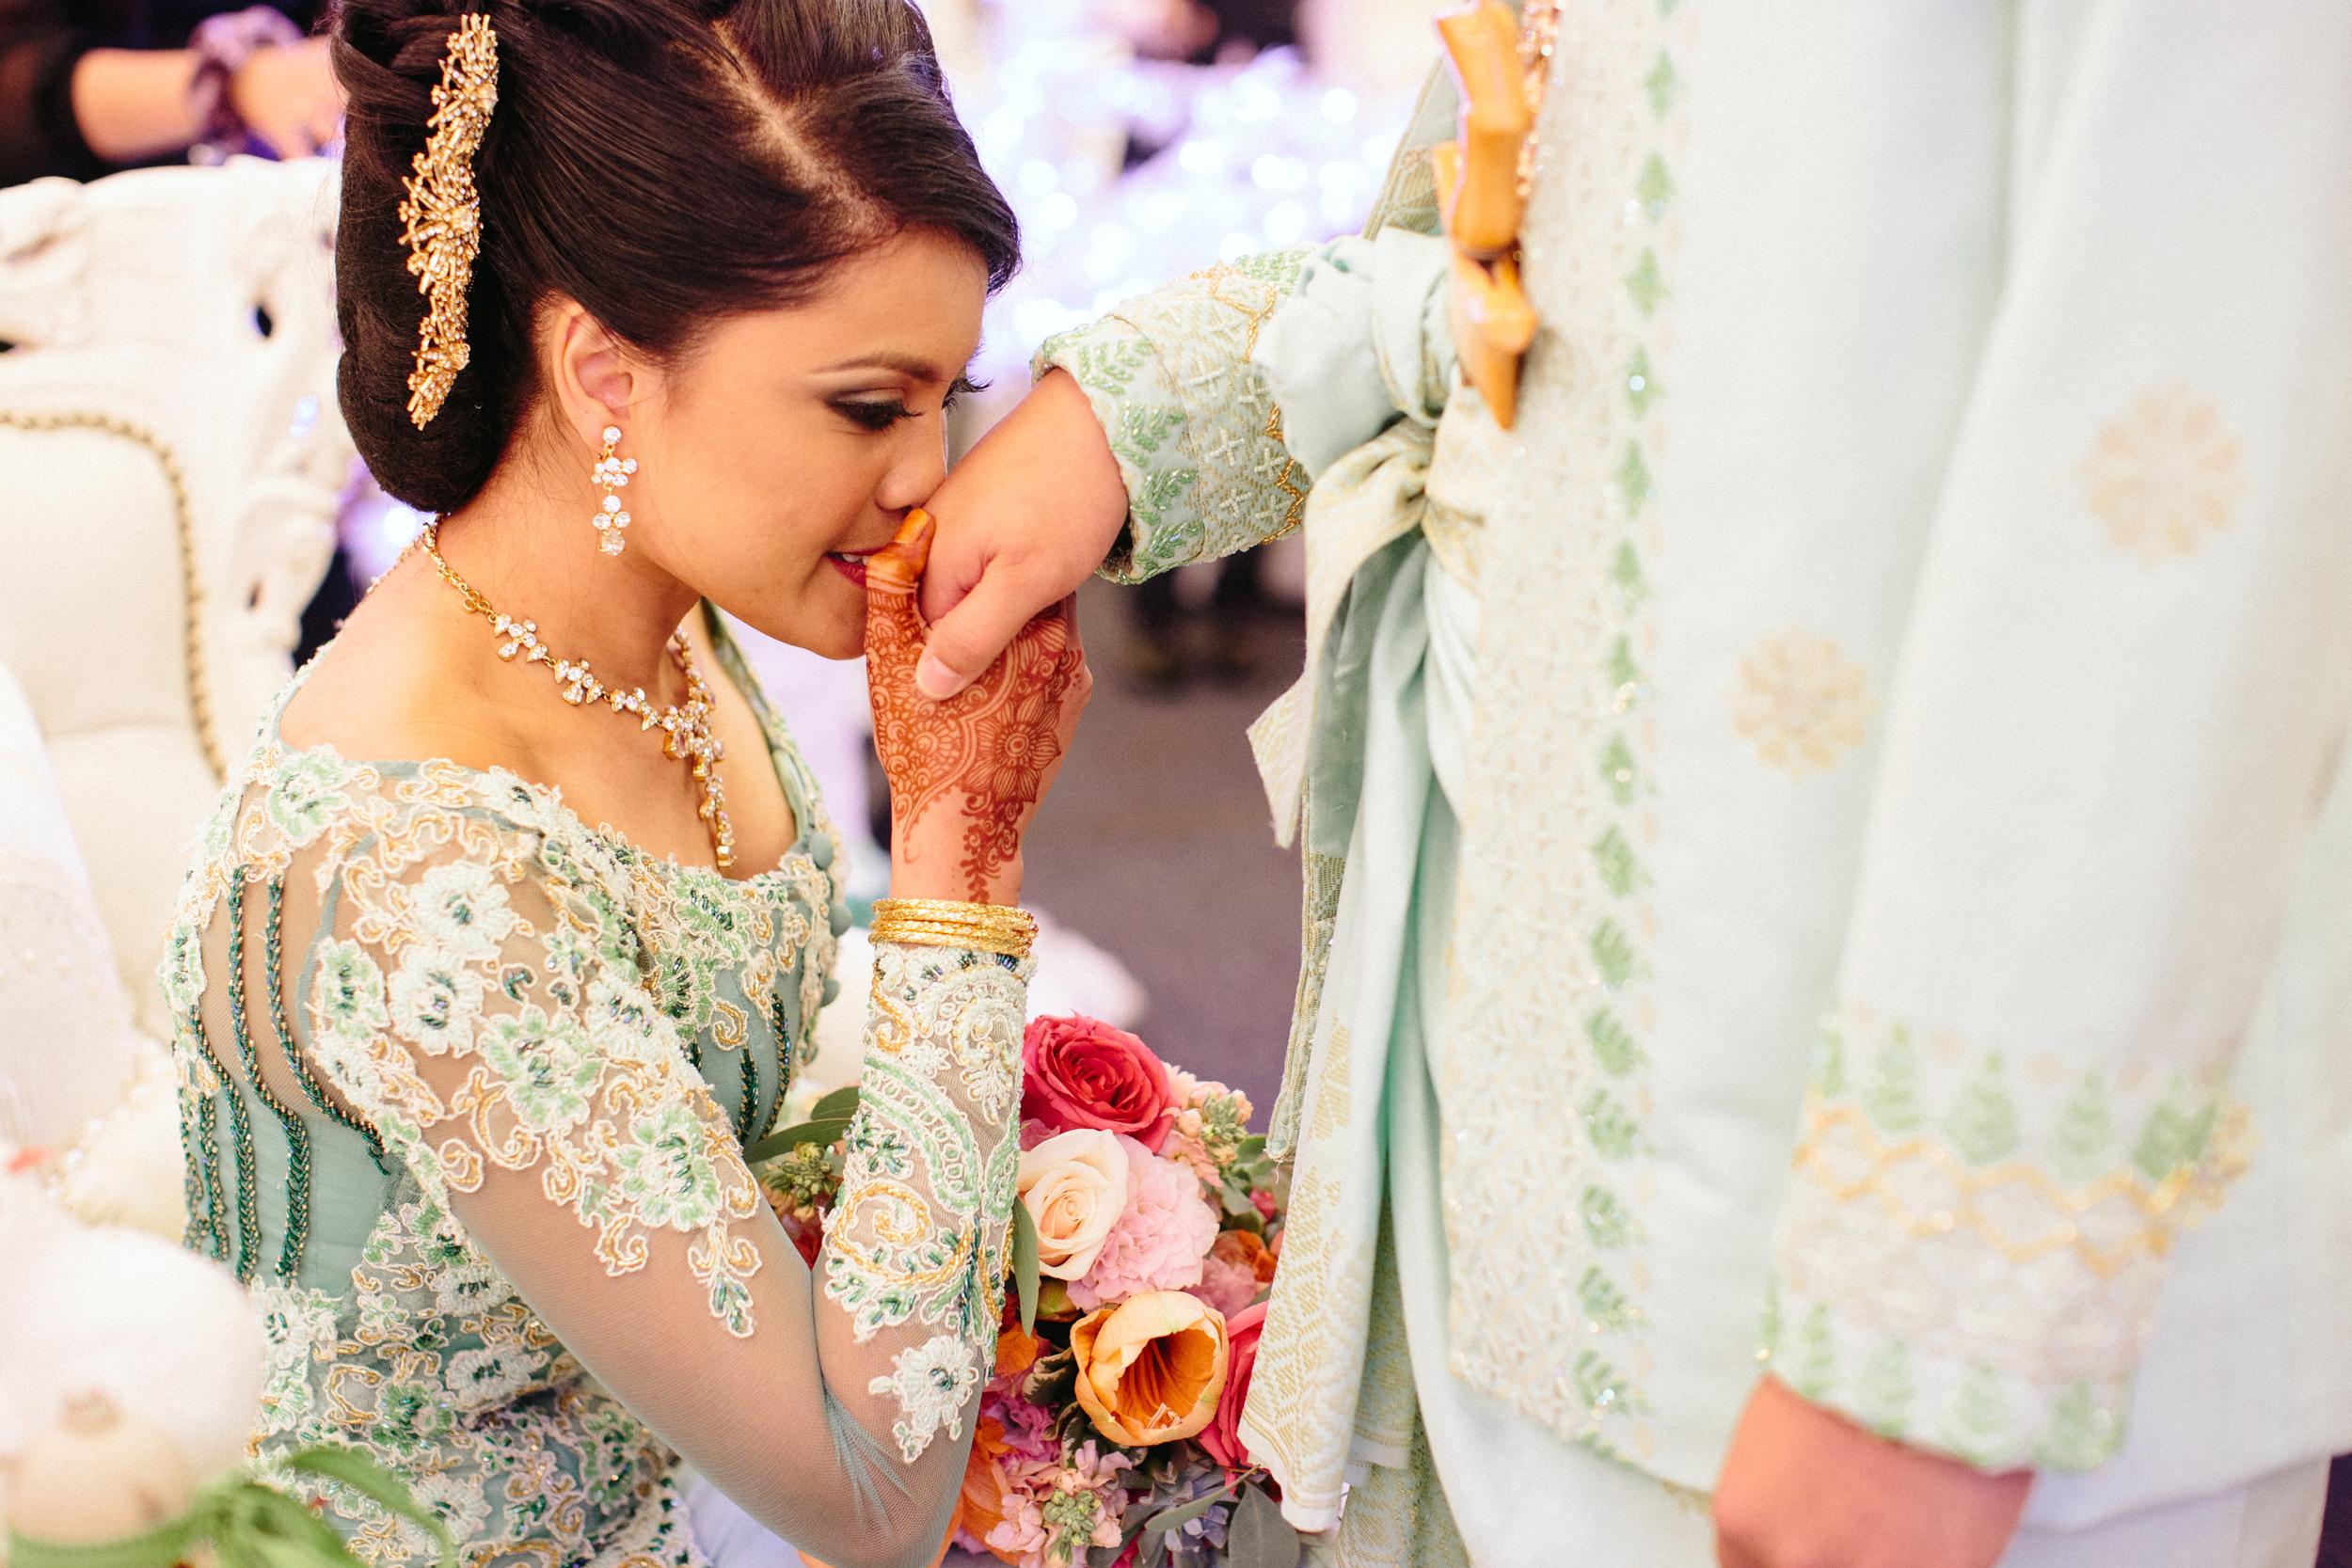 singapore-wedding-photographer-wemadethese-shikin-yanho-047.jpg